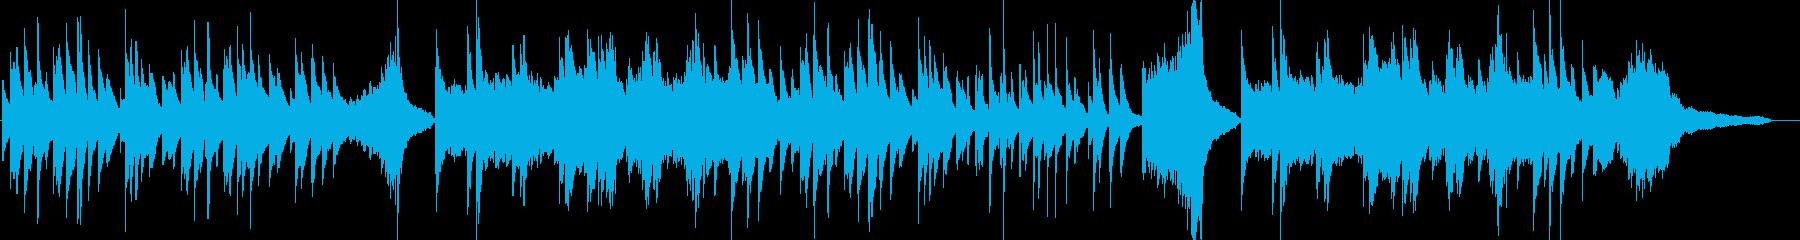 優しい ピアノソロ CM 映像 14の再生済みの波形